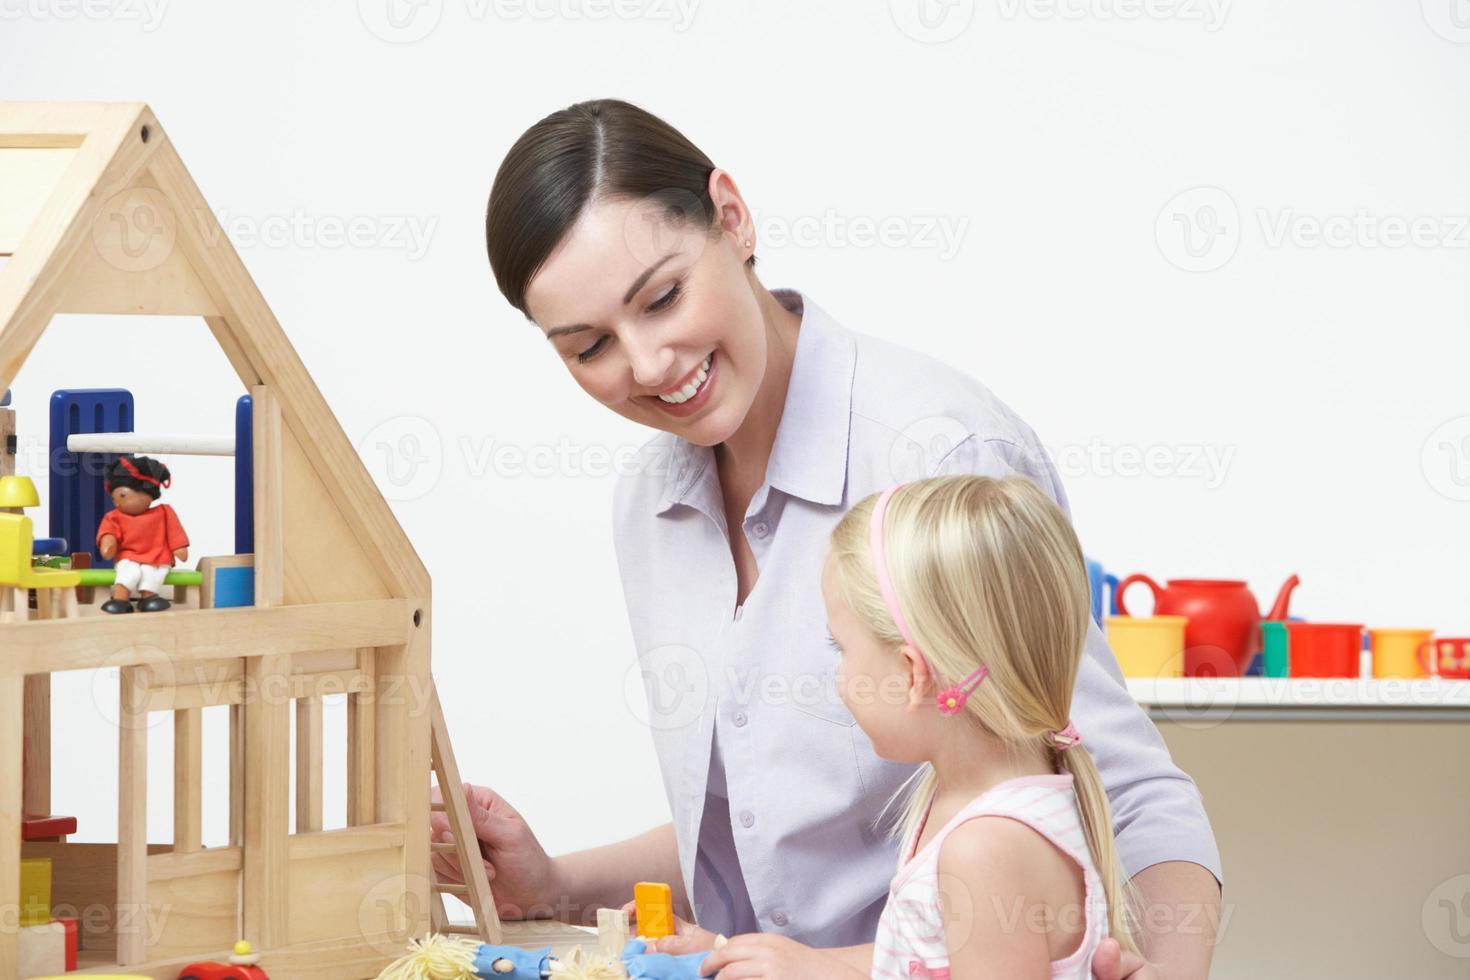 enseignant préscolaire et élève jouant avec maison en bois photo